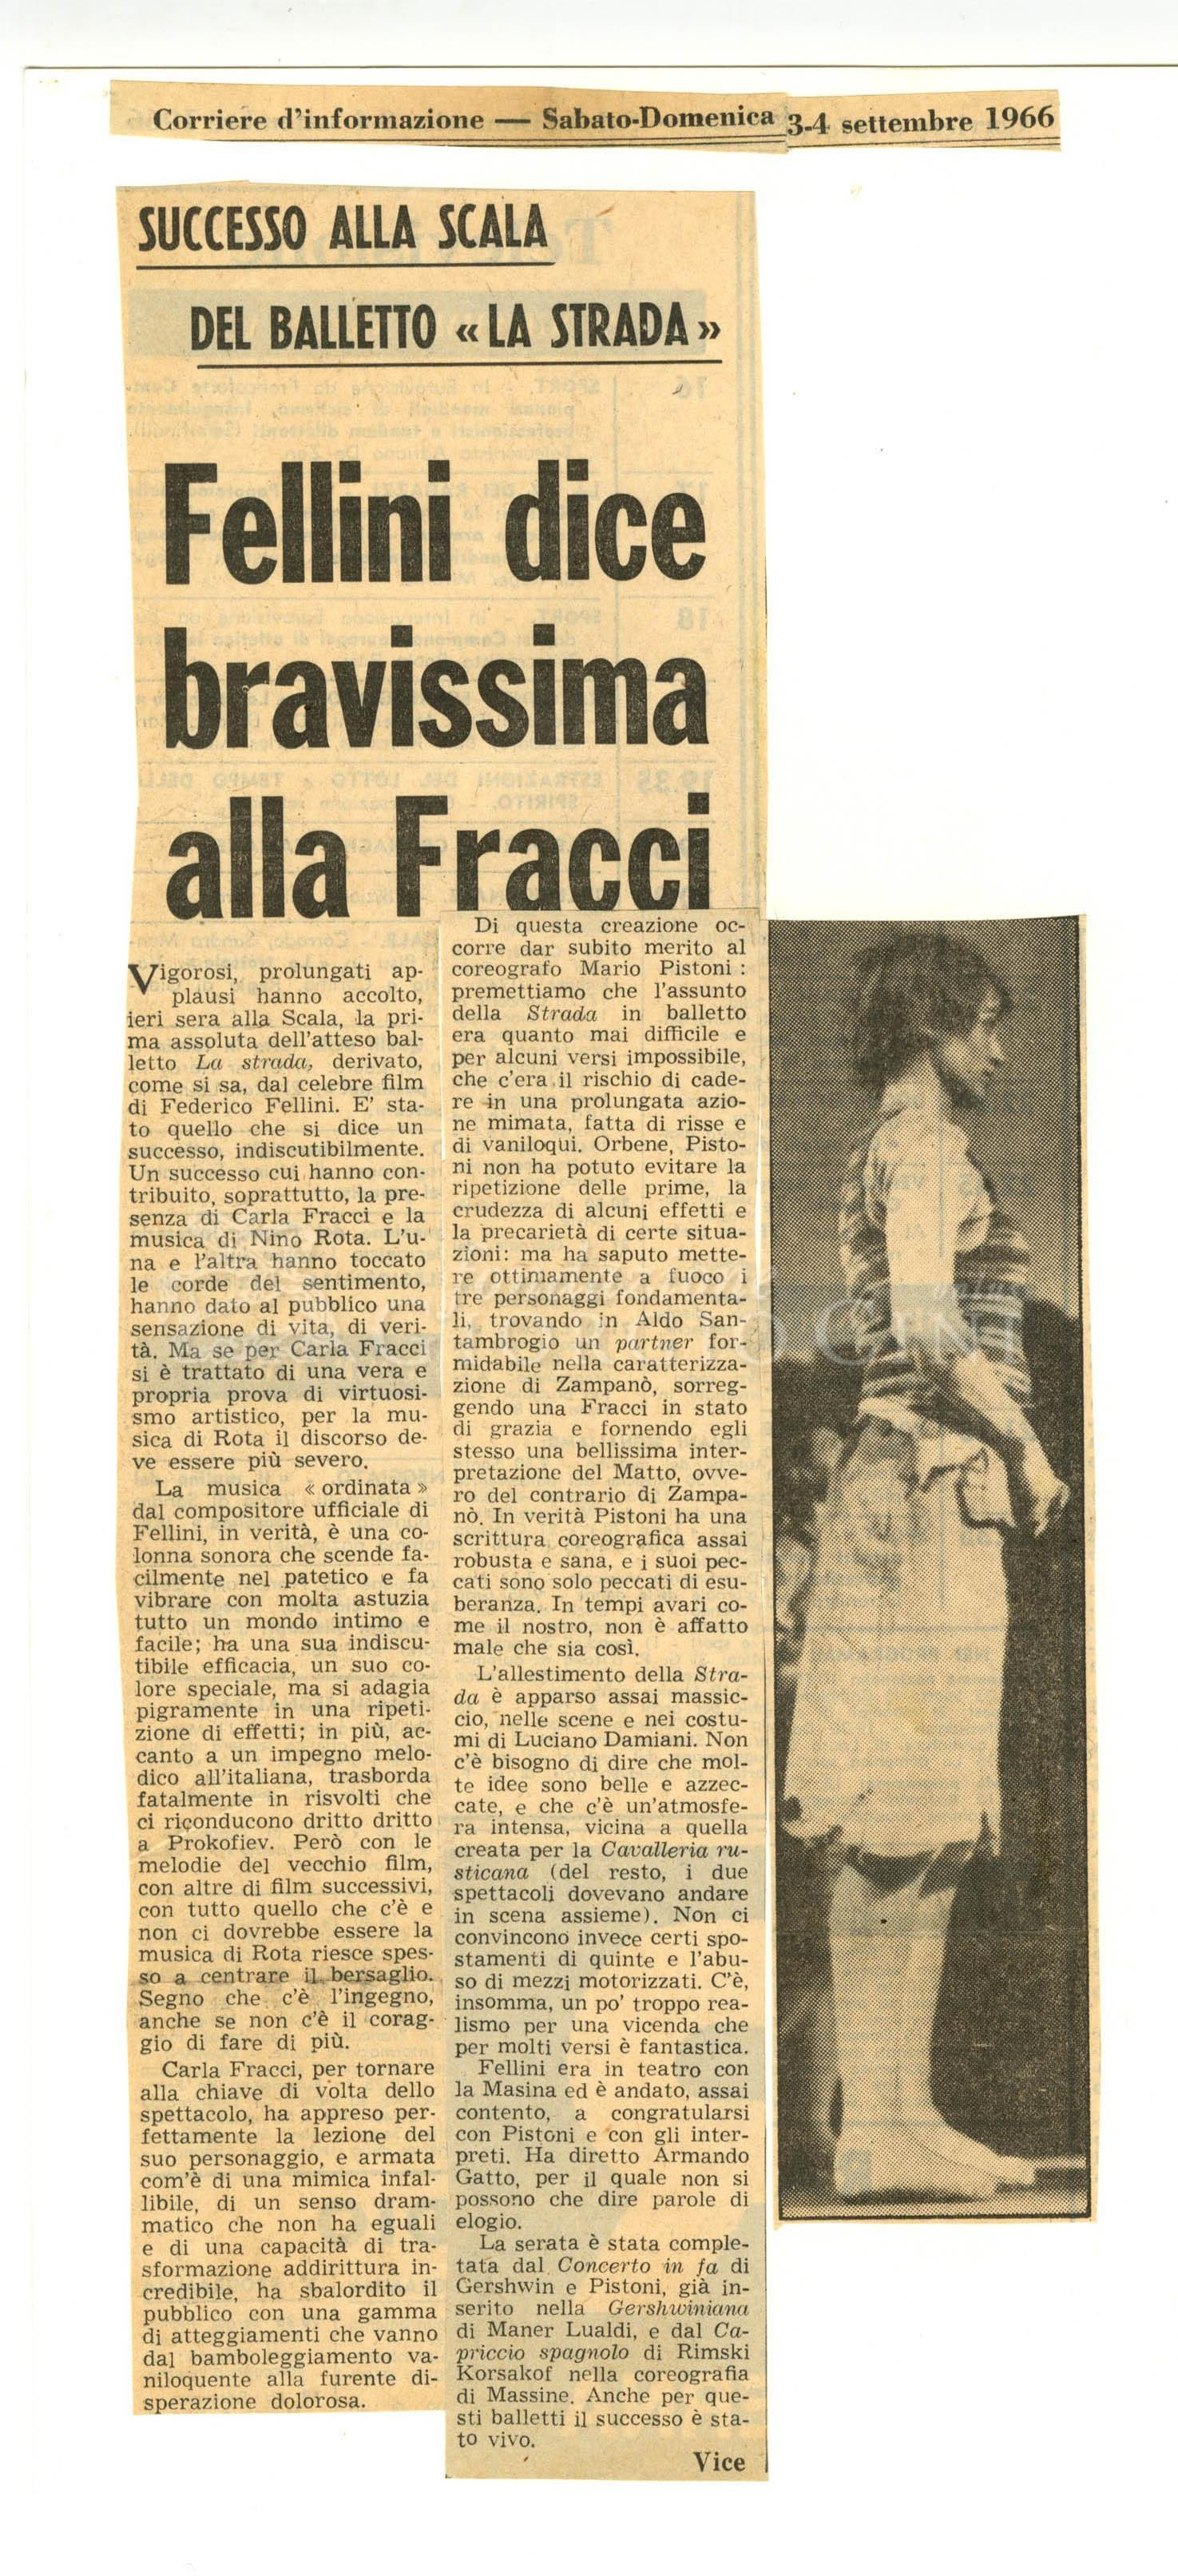 Fellini dice bravissima alla Fracci  03 - 04 settembre 1966